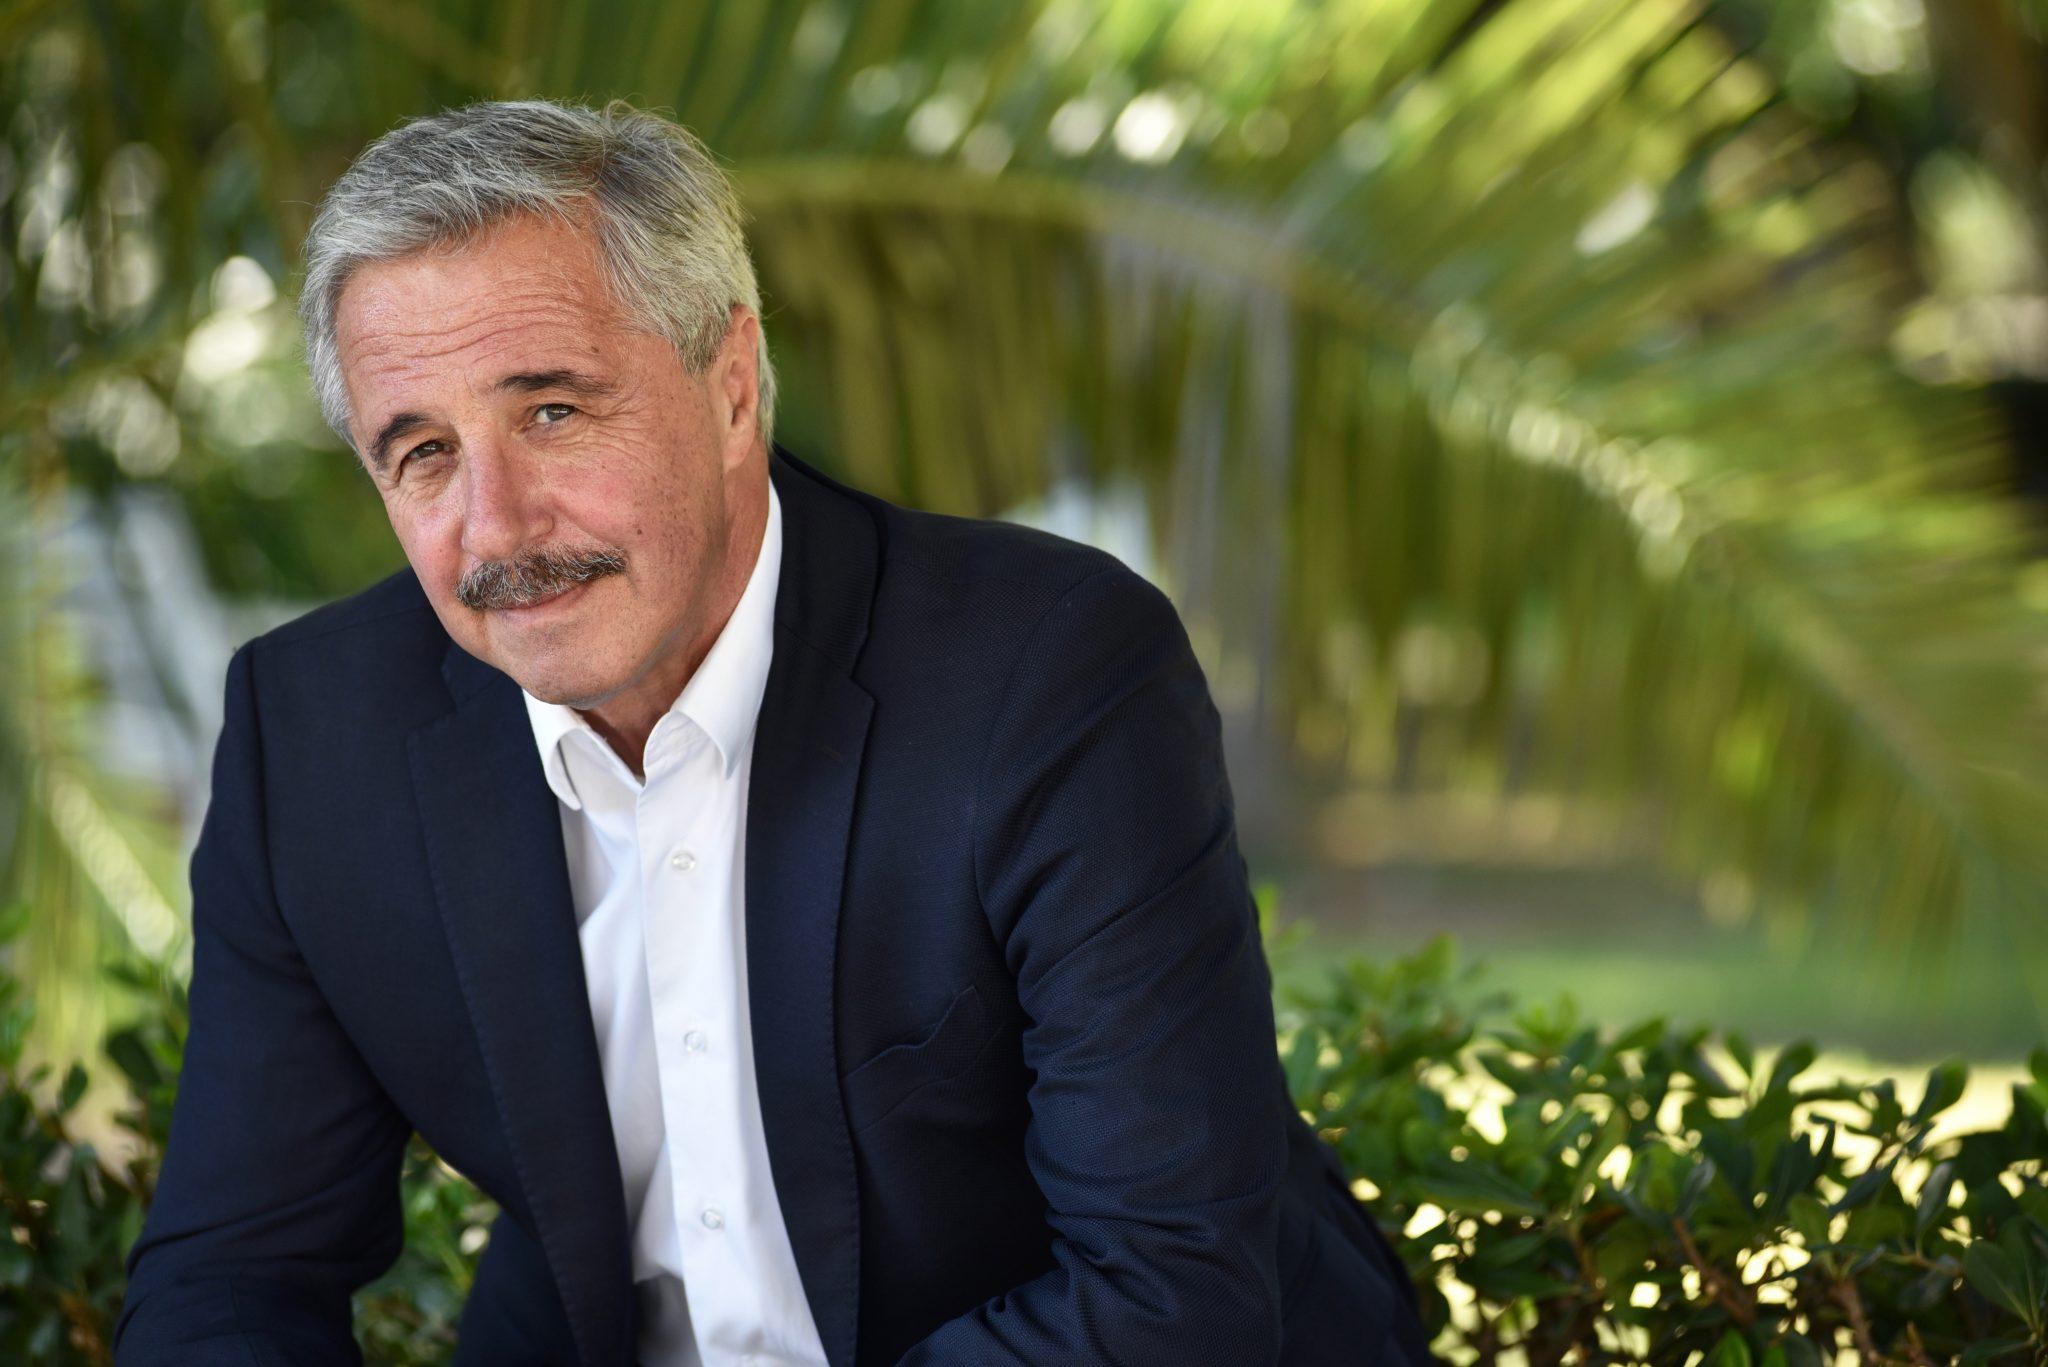 καθηγητής Γιάννης Μανιάτης, υποψήφιος βουλευτής Αργολίδας